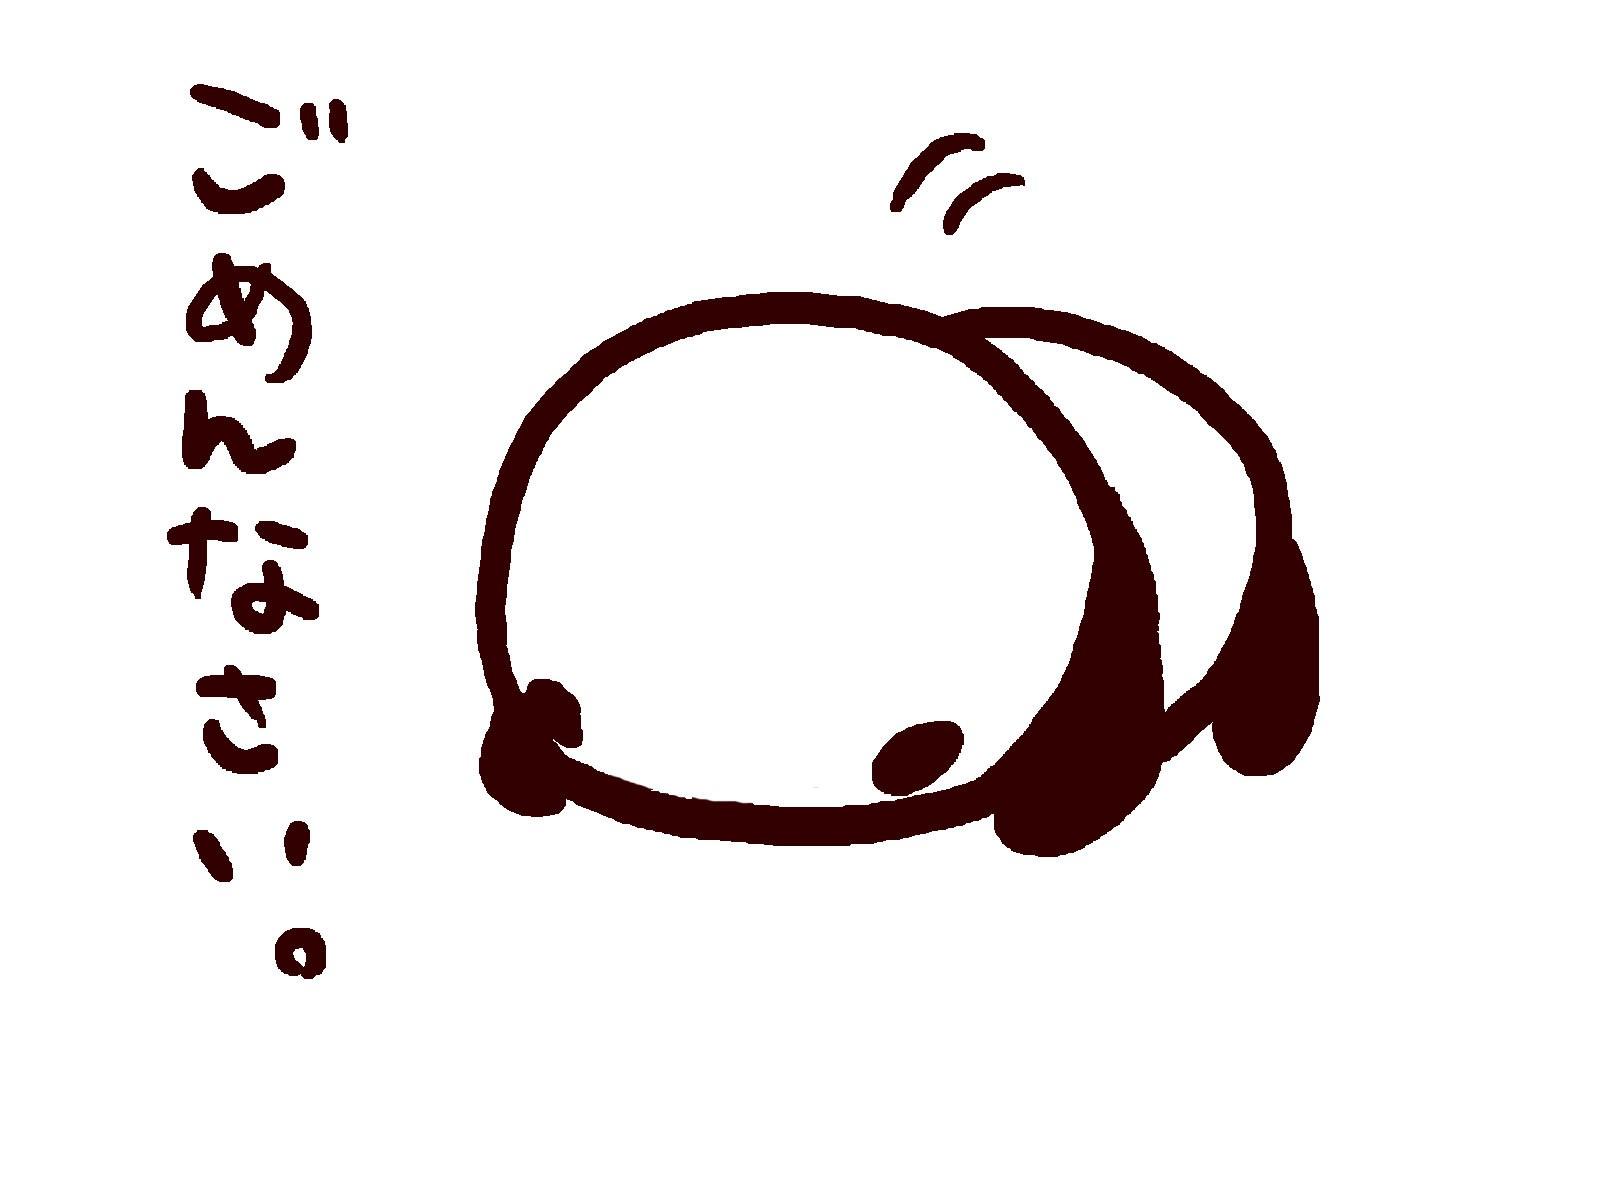 8月29日 火曜日のひとログ(´▽`) 1ナンバー構造変更もお任せください★TOMMY_b0127002_16562314.jpg